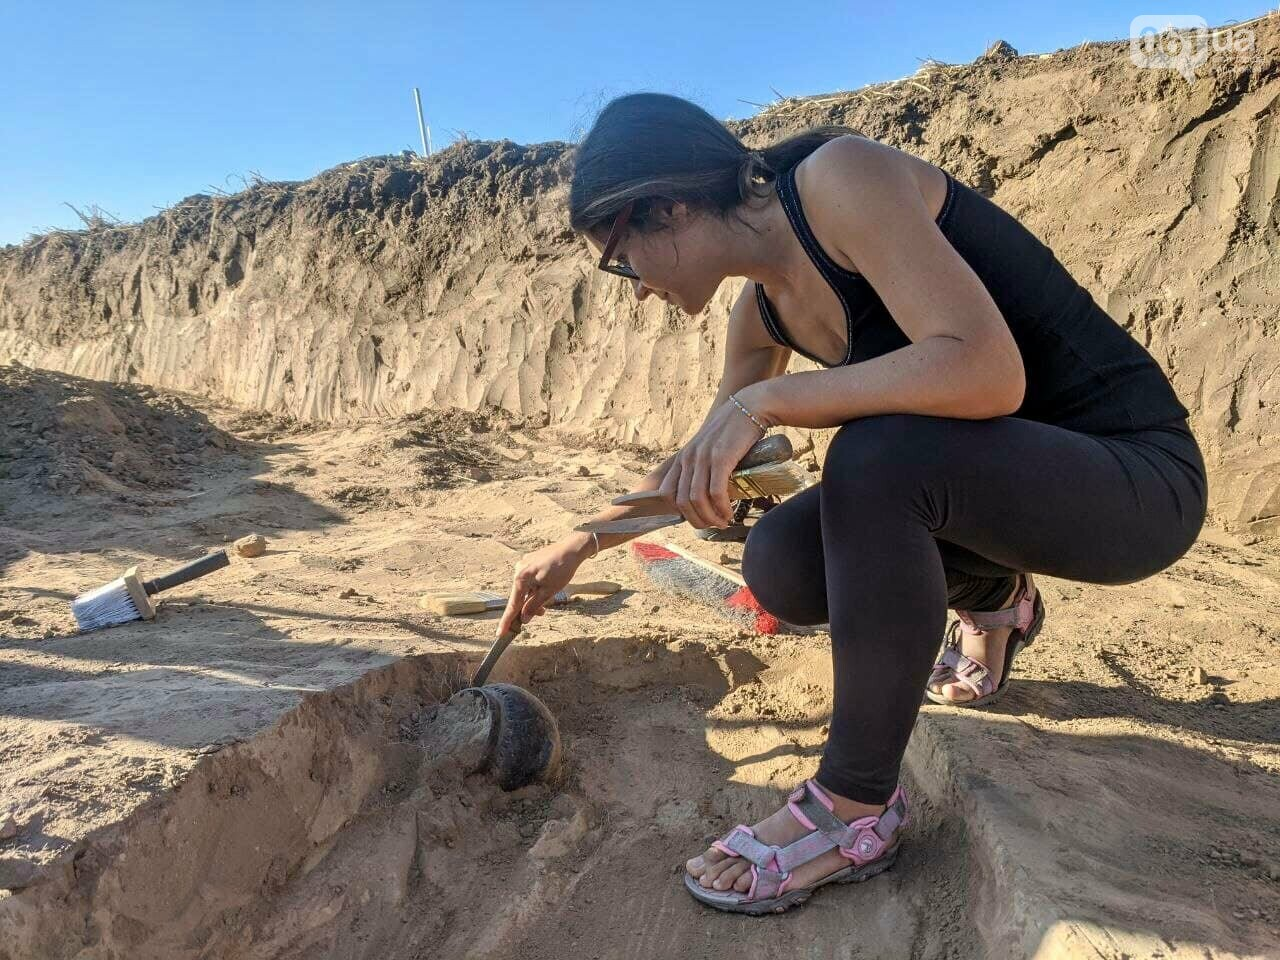 На раскопках Мамай-Горы заработал бульдозер: что уже удалось найти археологам, - ФОТО, фото-6